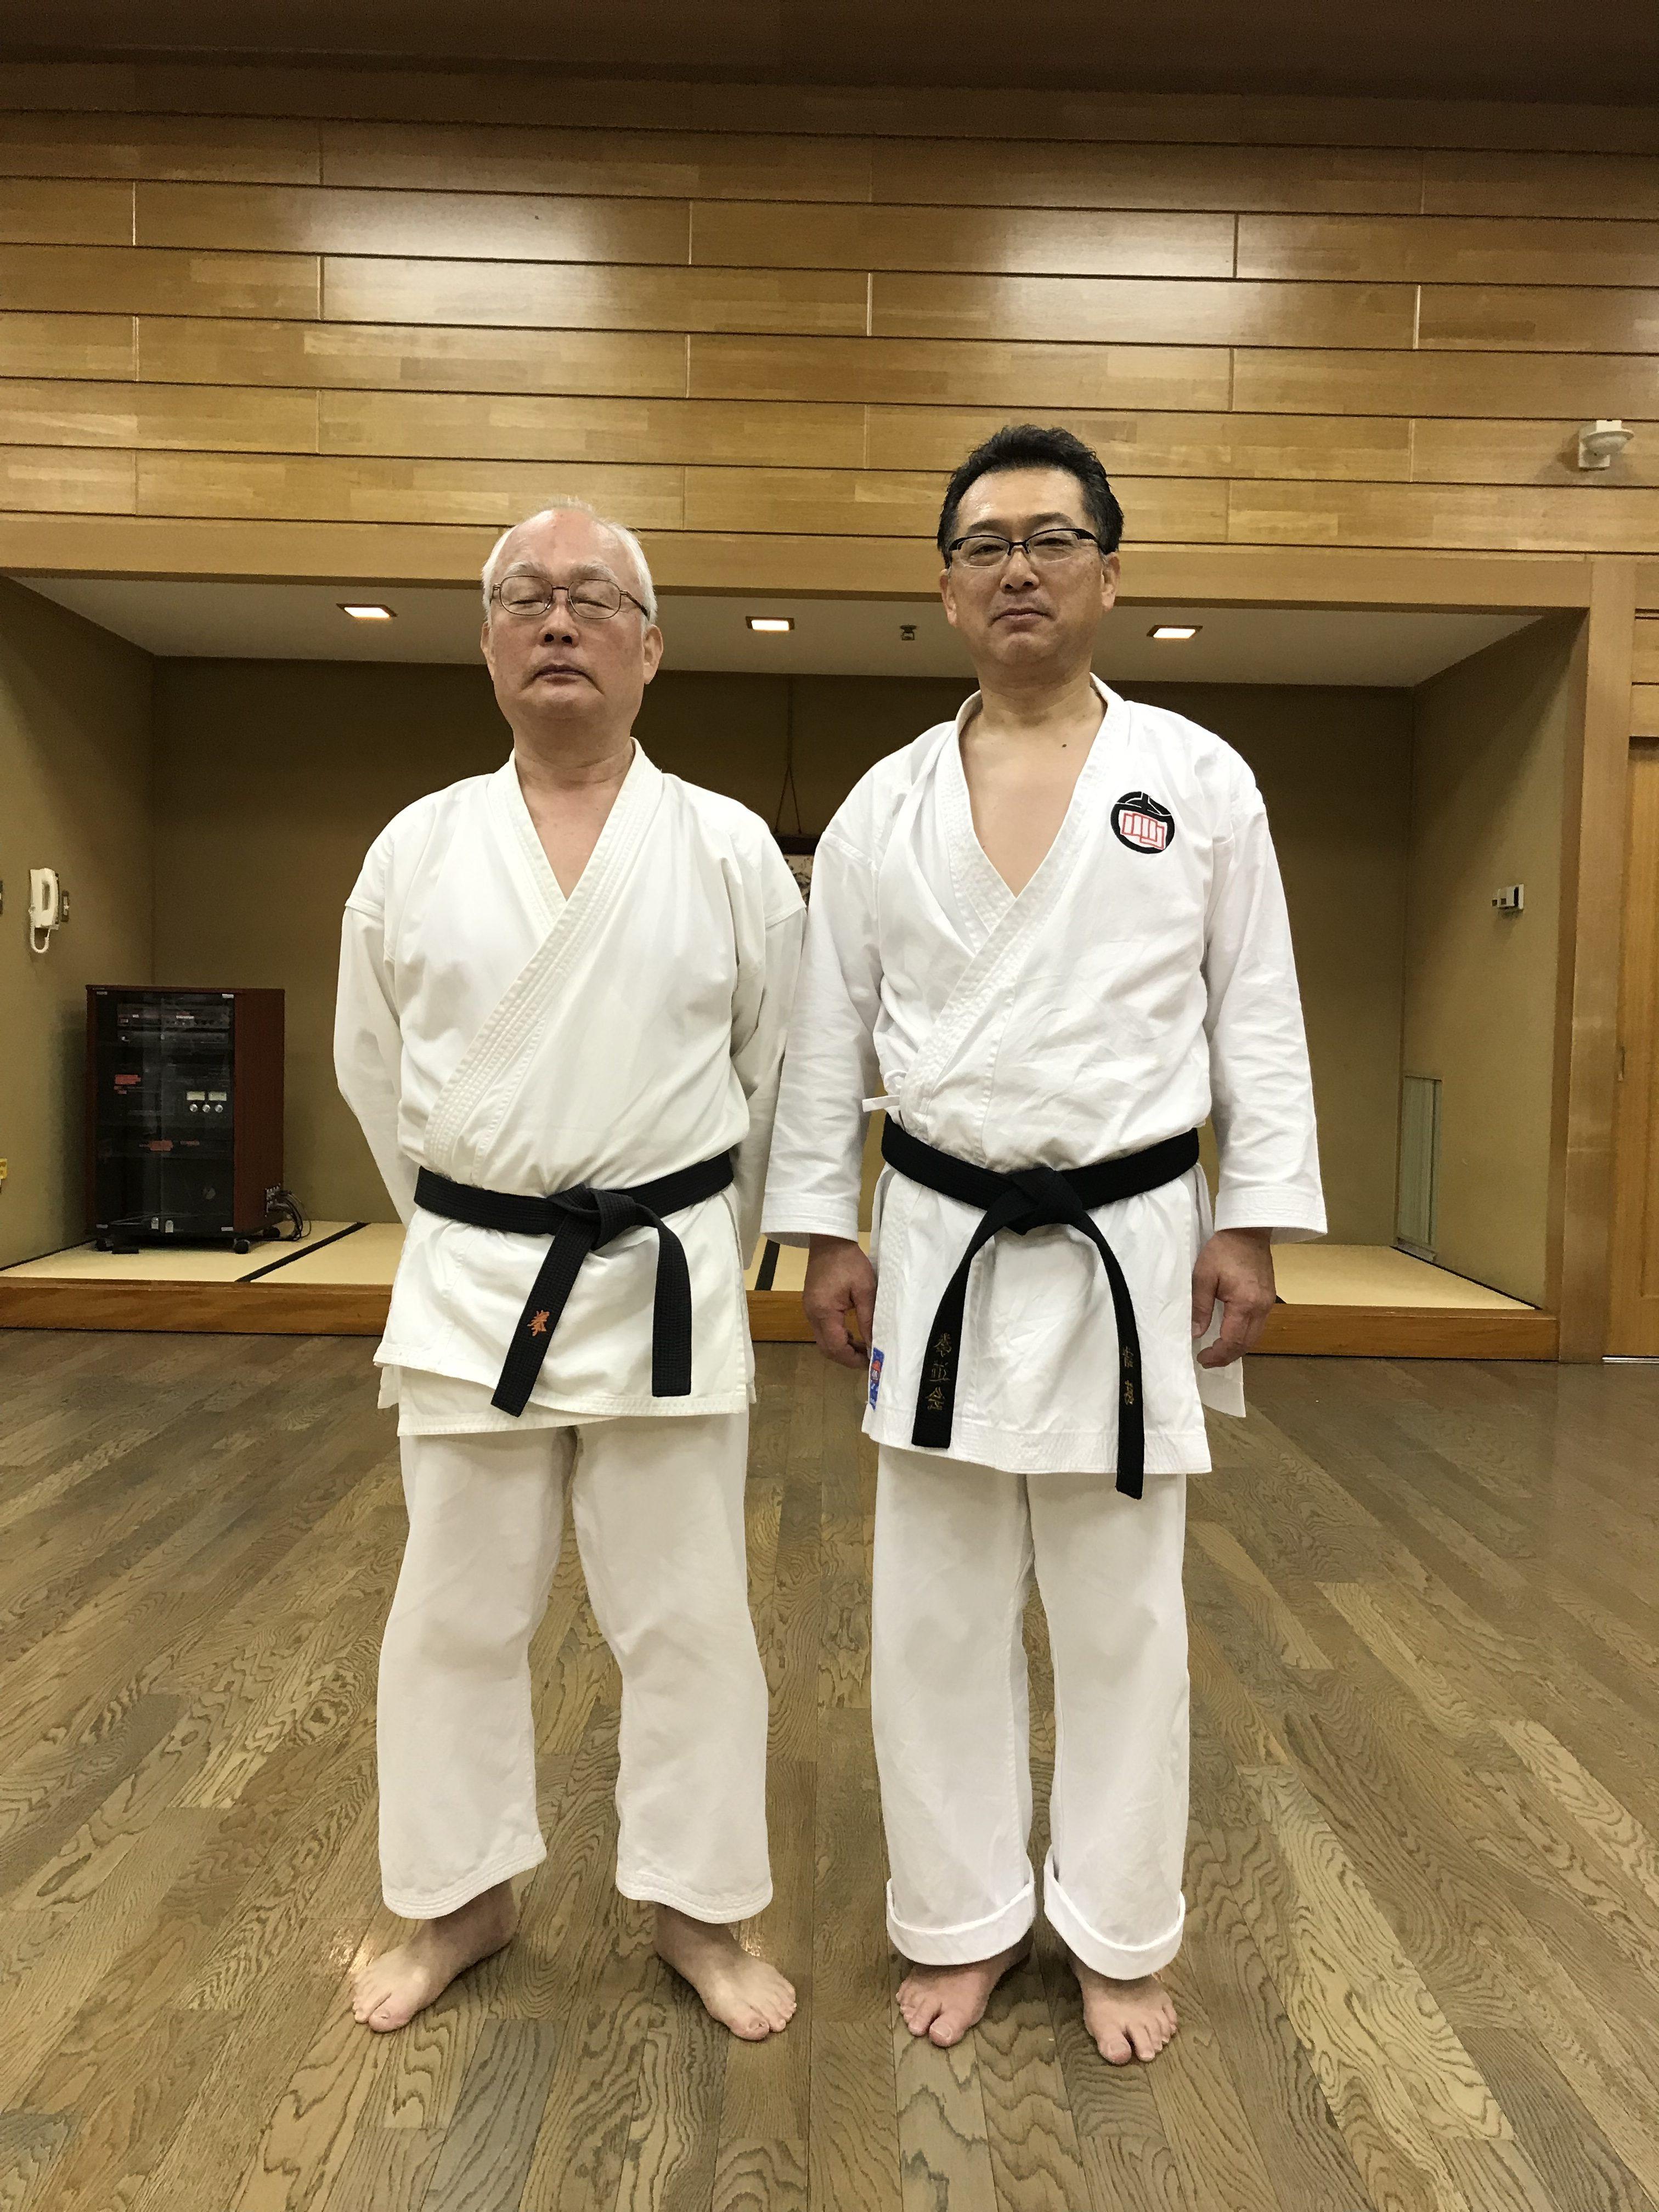 2019年度第1回全国師範稽古会 | 拳道会広島支部